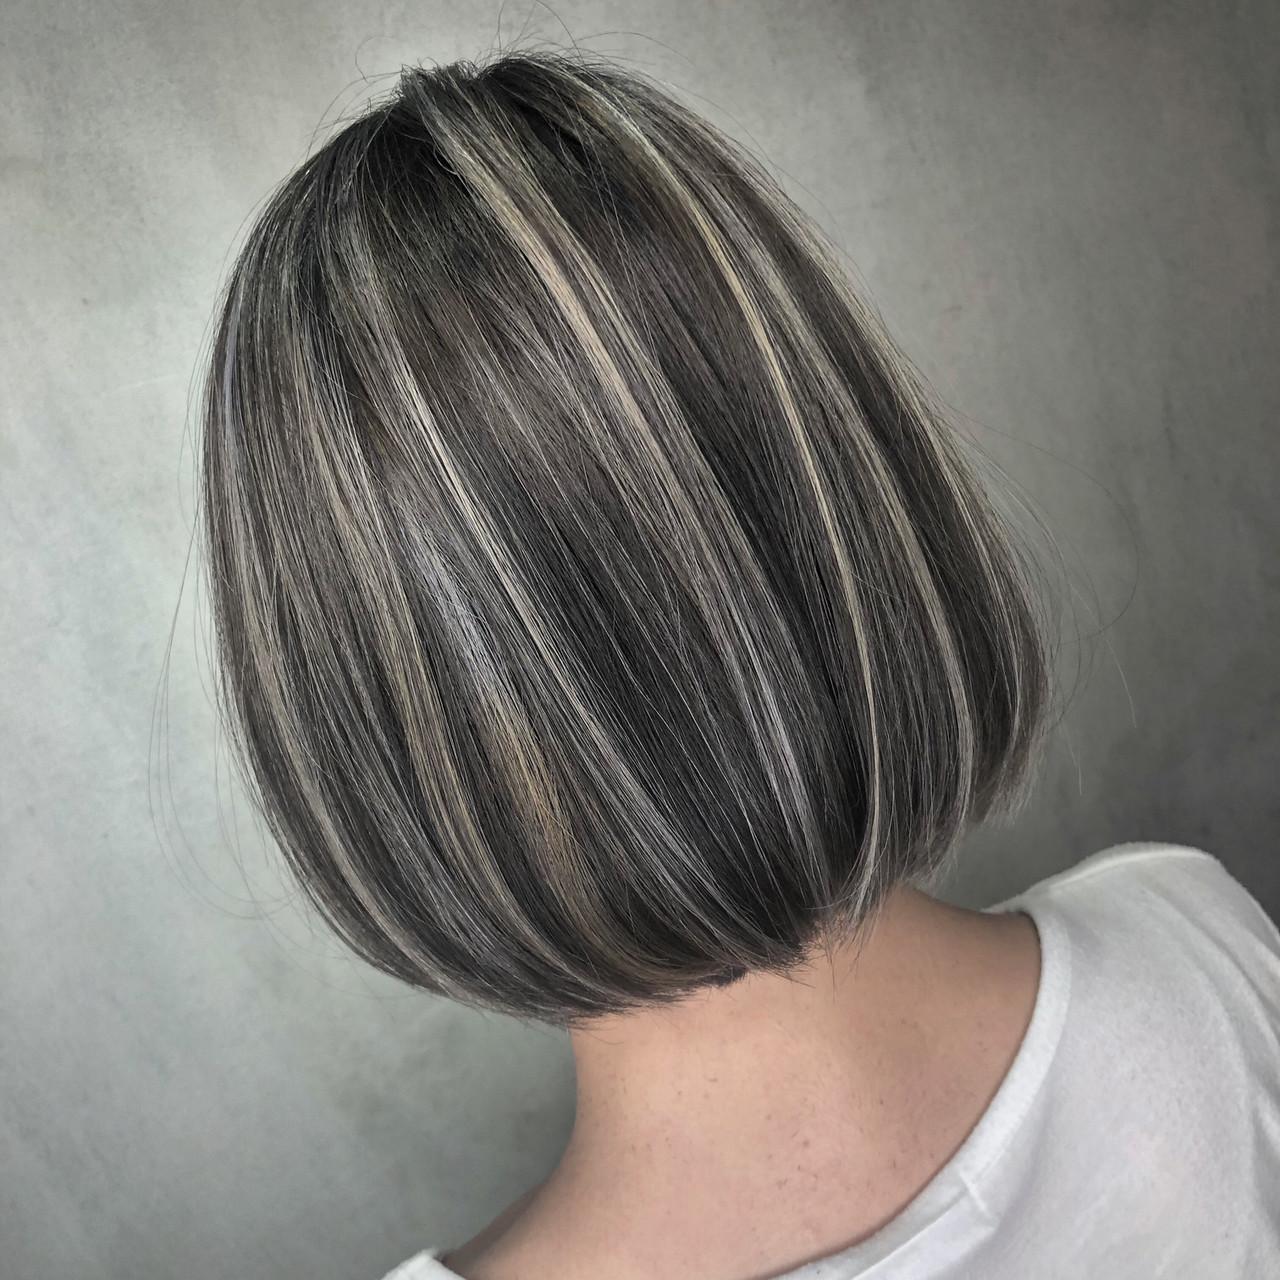 グレージュ ハイライト ボブ ナチュラル ヘアスタイルや髪型の写真・画像